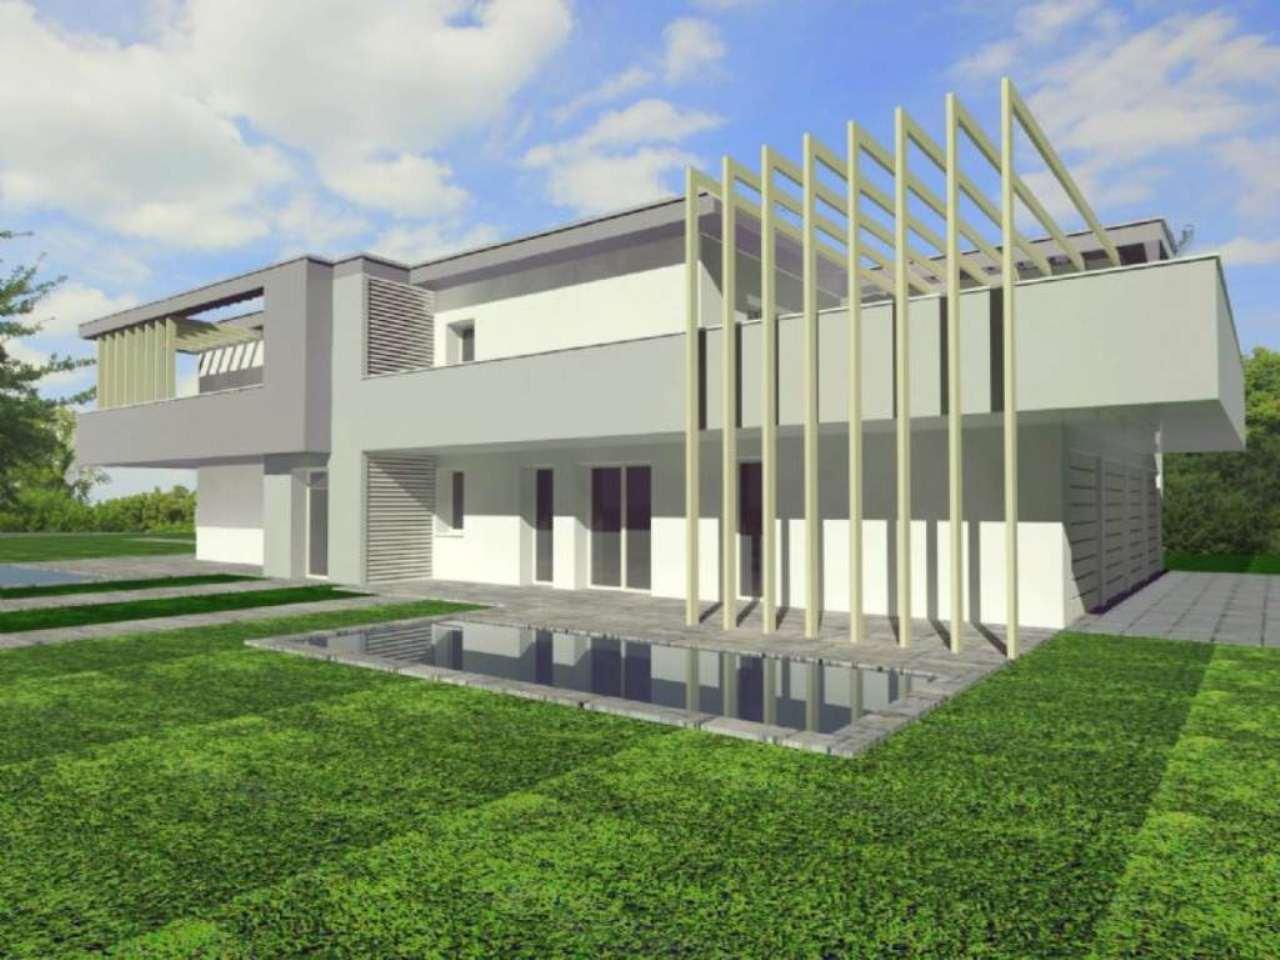 Attico / Mansarda in vendita a Silea, 6 locali, prezzo € 300.000 | Cambio Casa.it